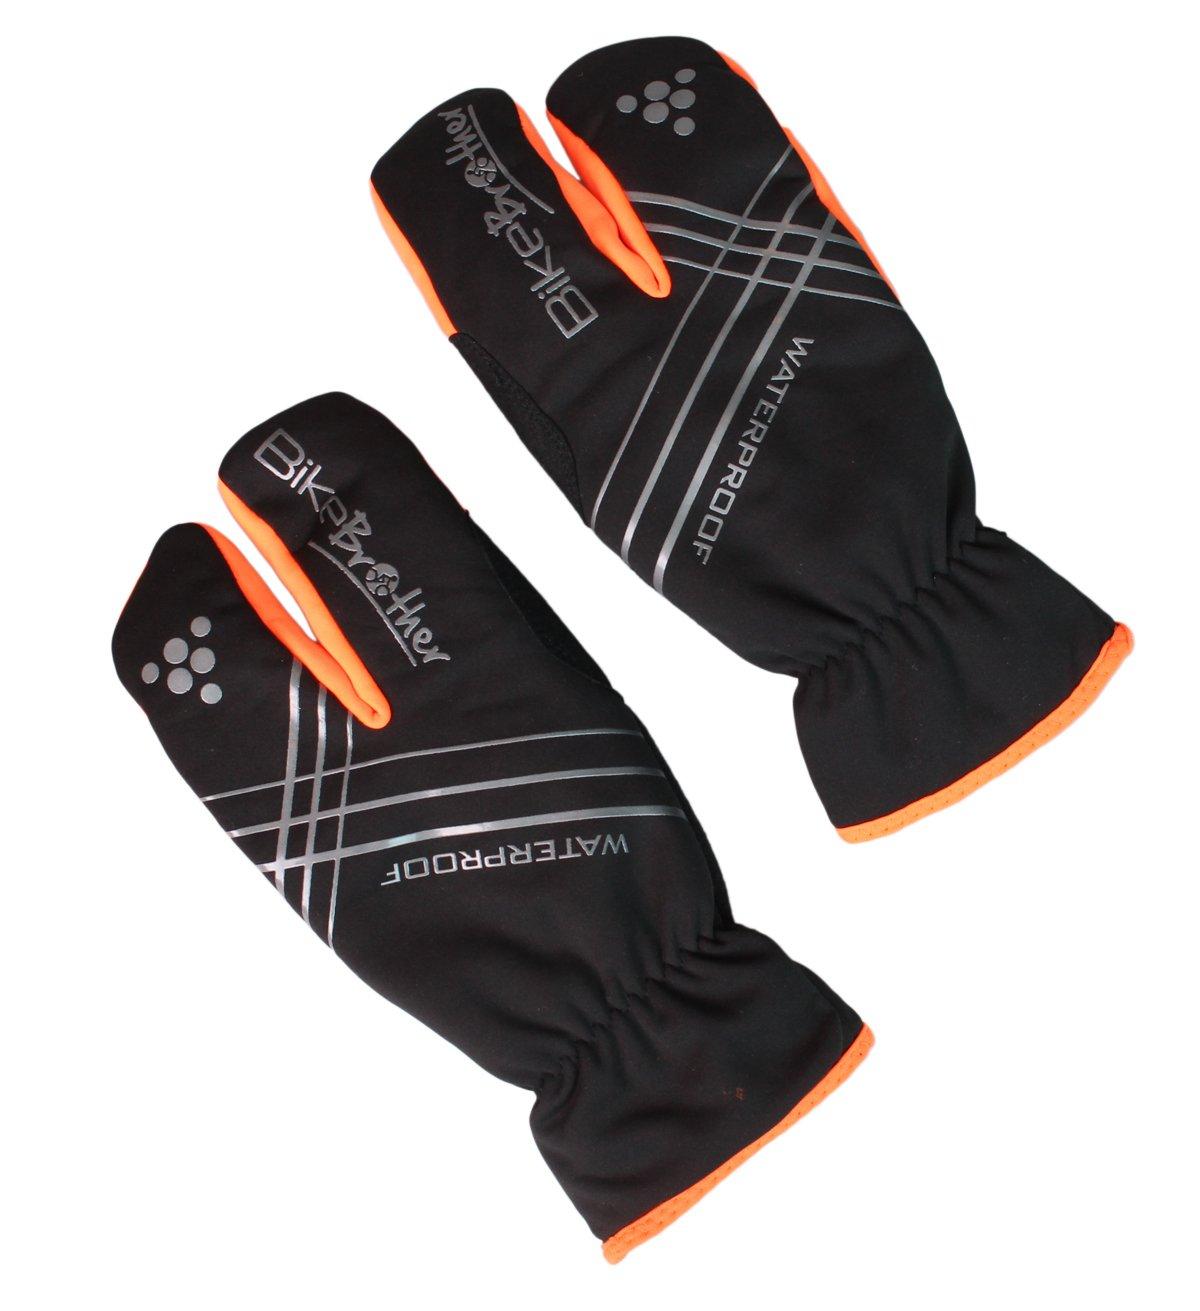 BikeBrother Lobster Handsker Sort/Orange - 199,00 | Gloves